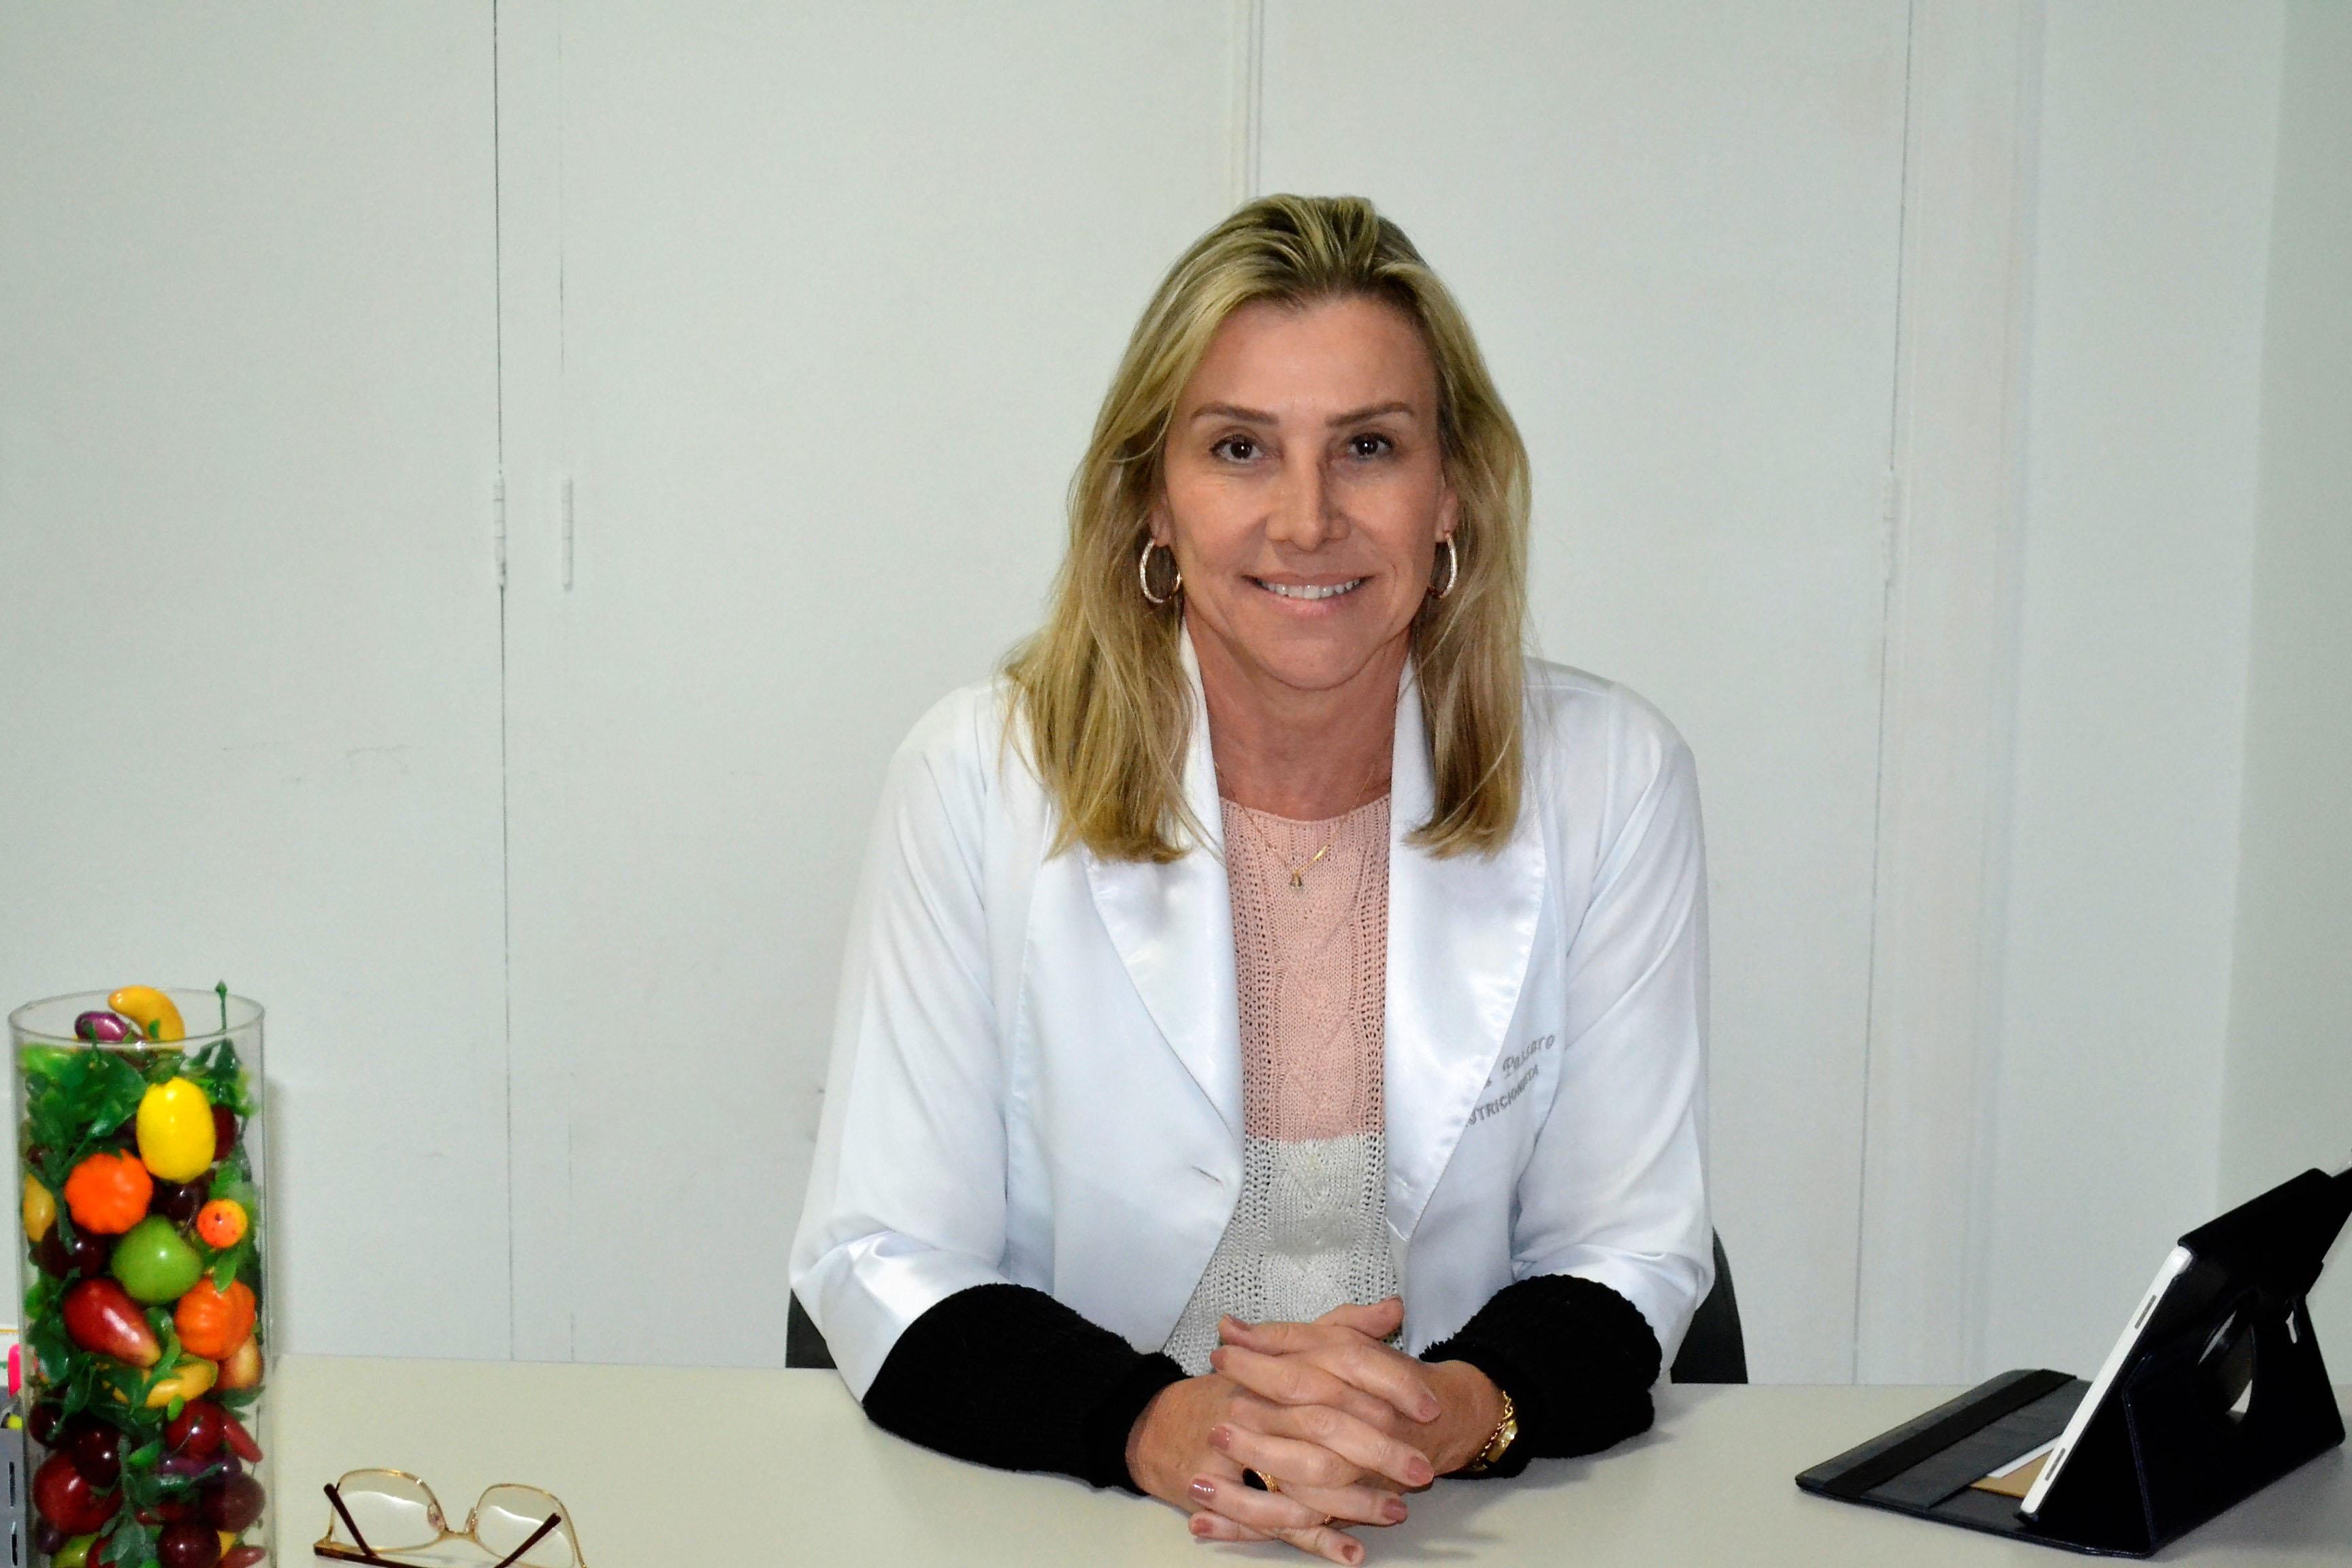 Drª Vilma Ap. Passaro de Melo – Nutricionista – CRN: 2148